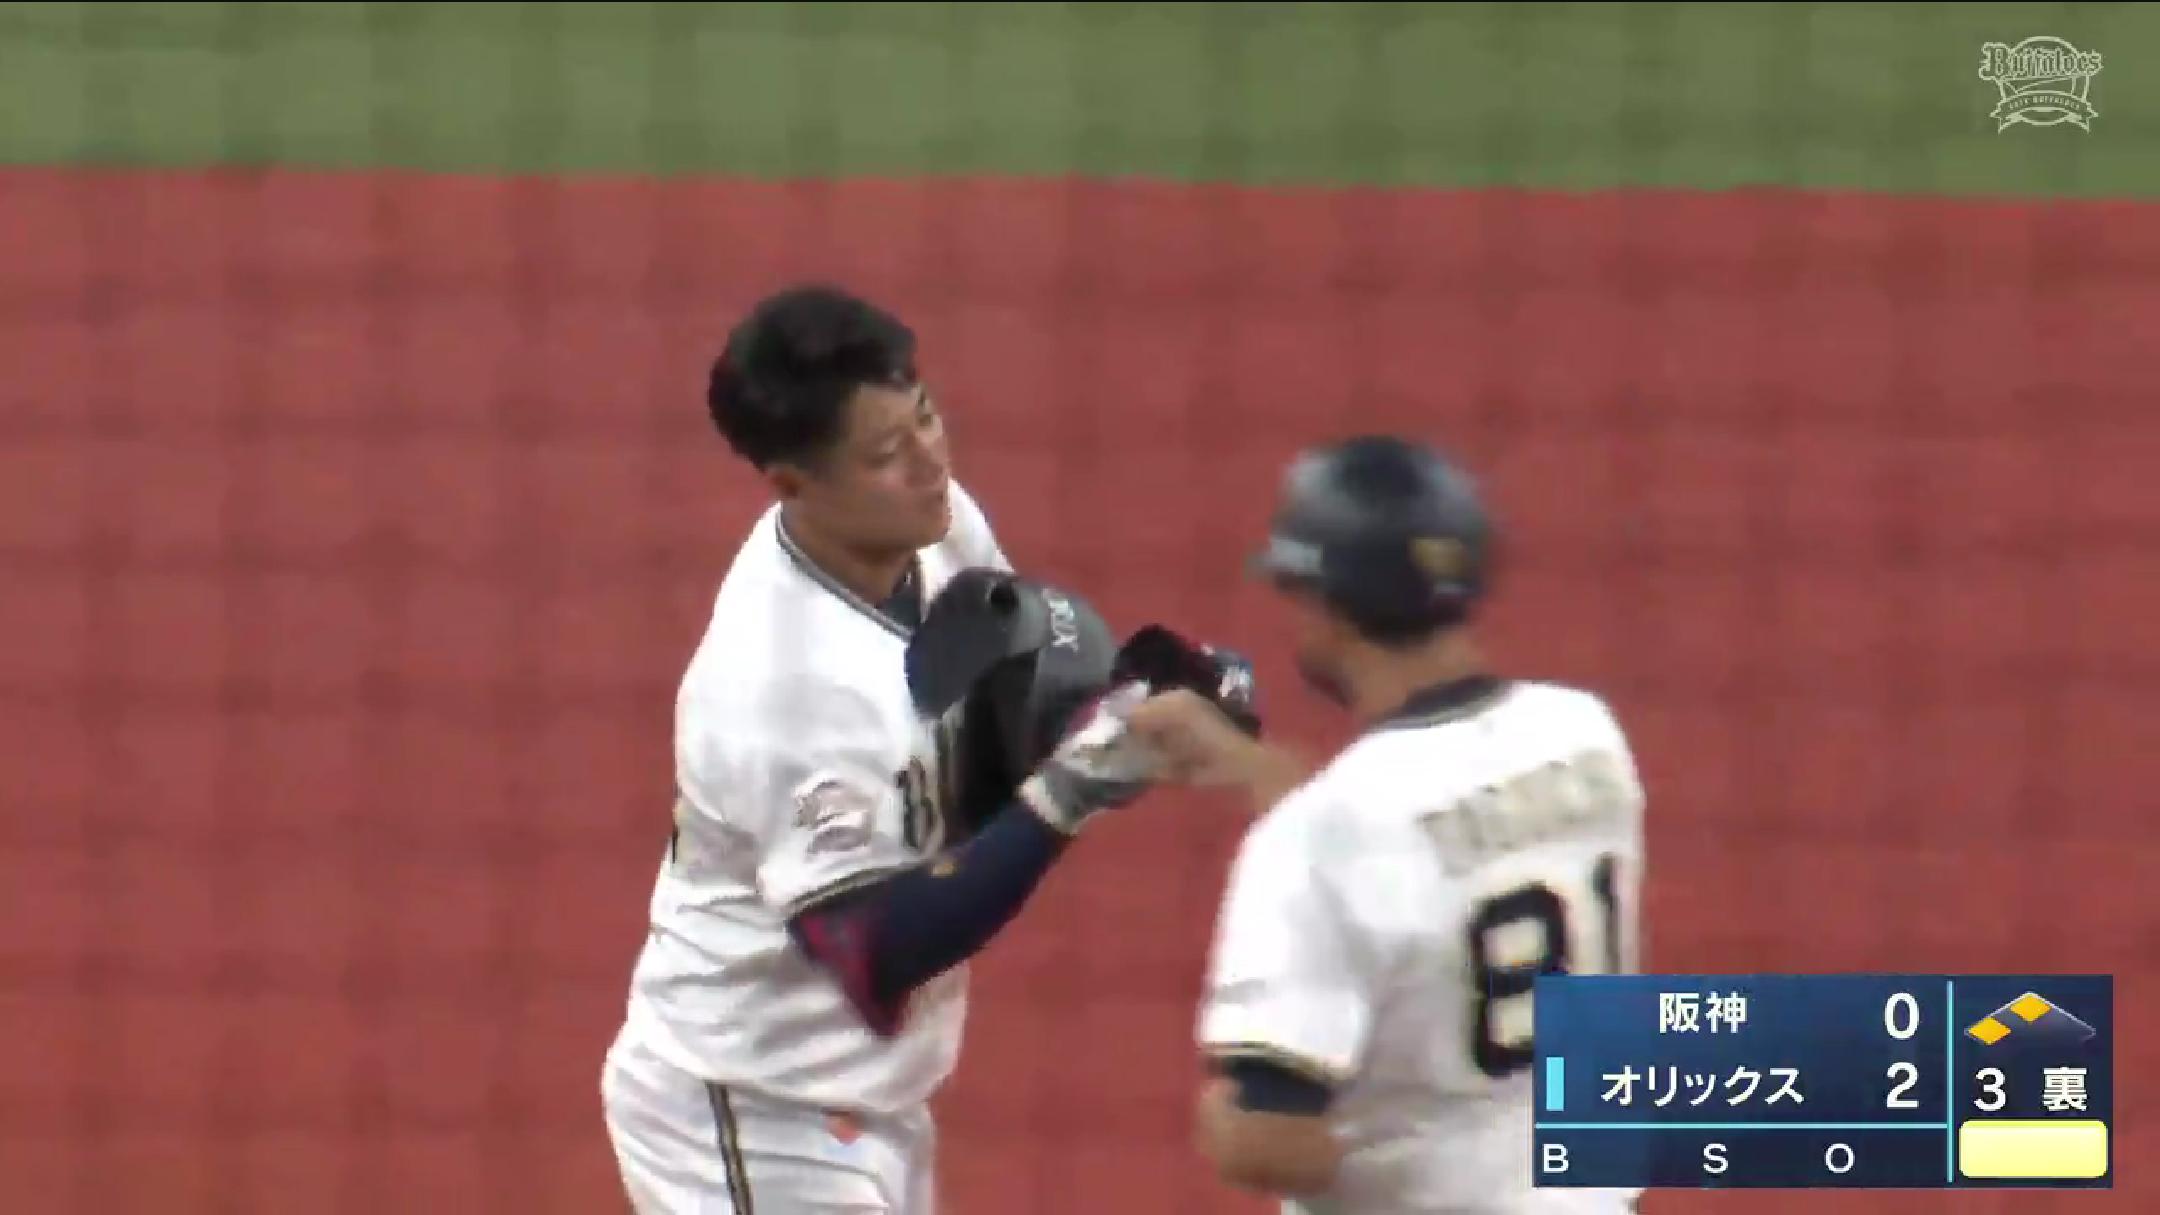 【2021プロ野球エキシビションマッチ】オリックス・来田涼斗選手のタイムリーツーベースヒット!